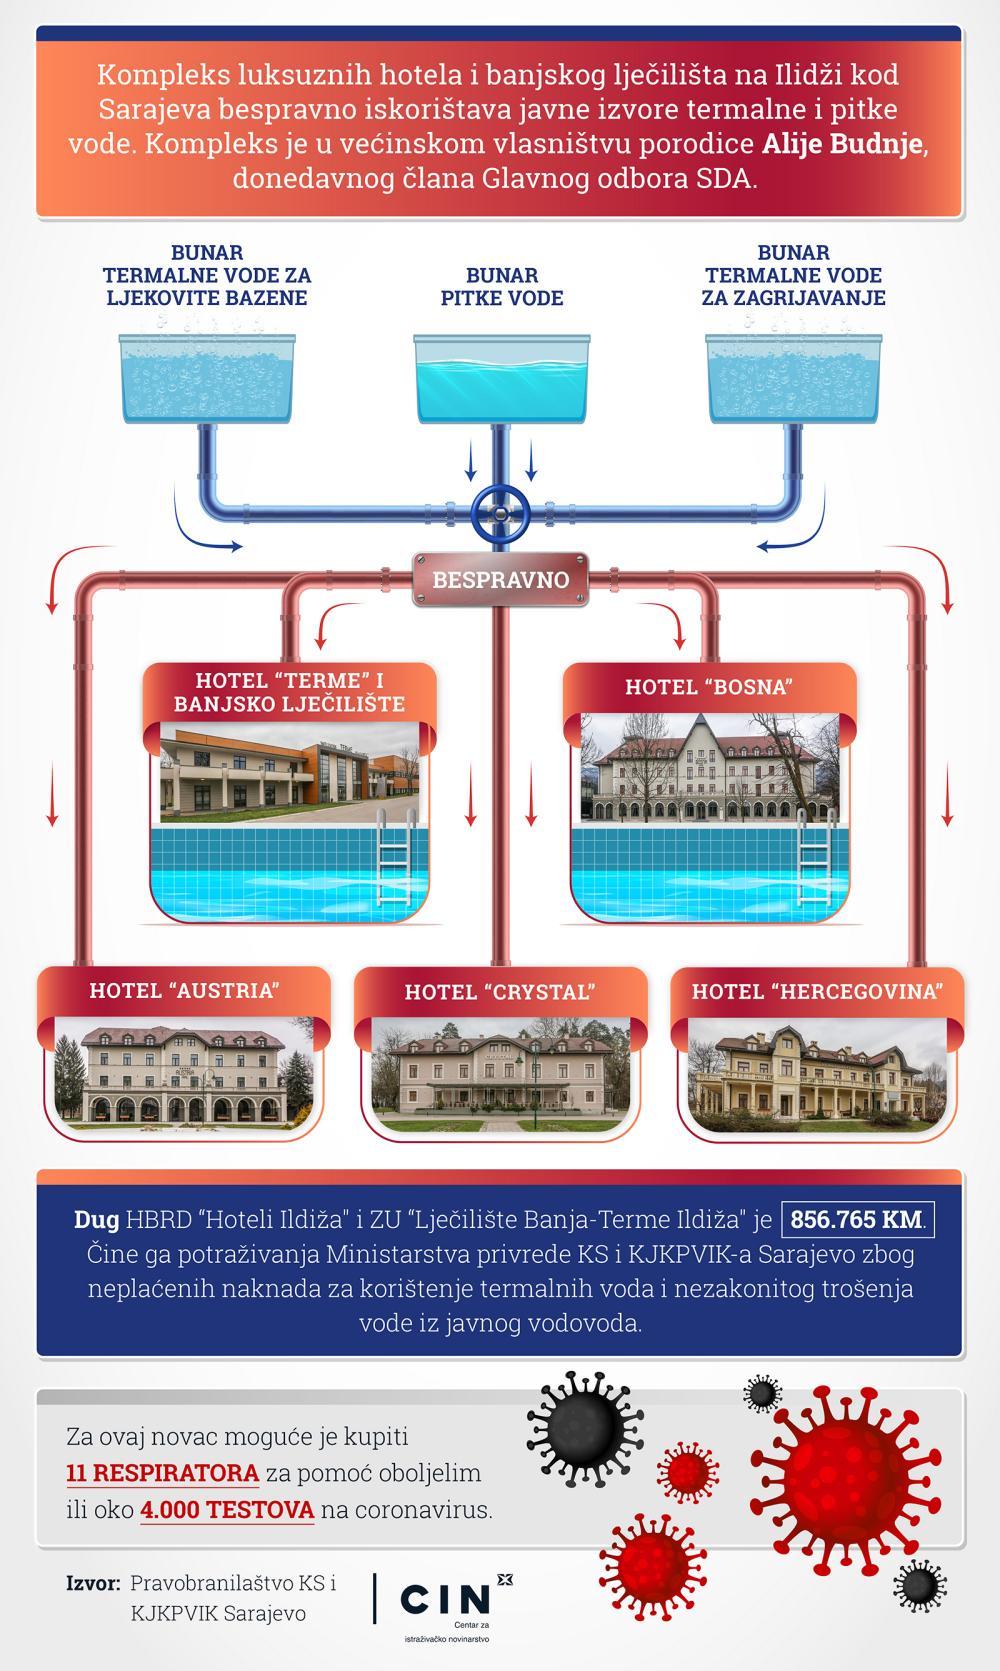 Budnjini vodomjeri Infografika